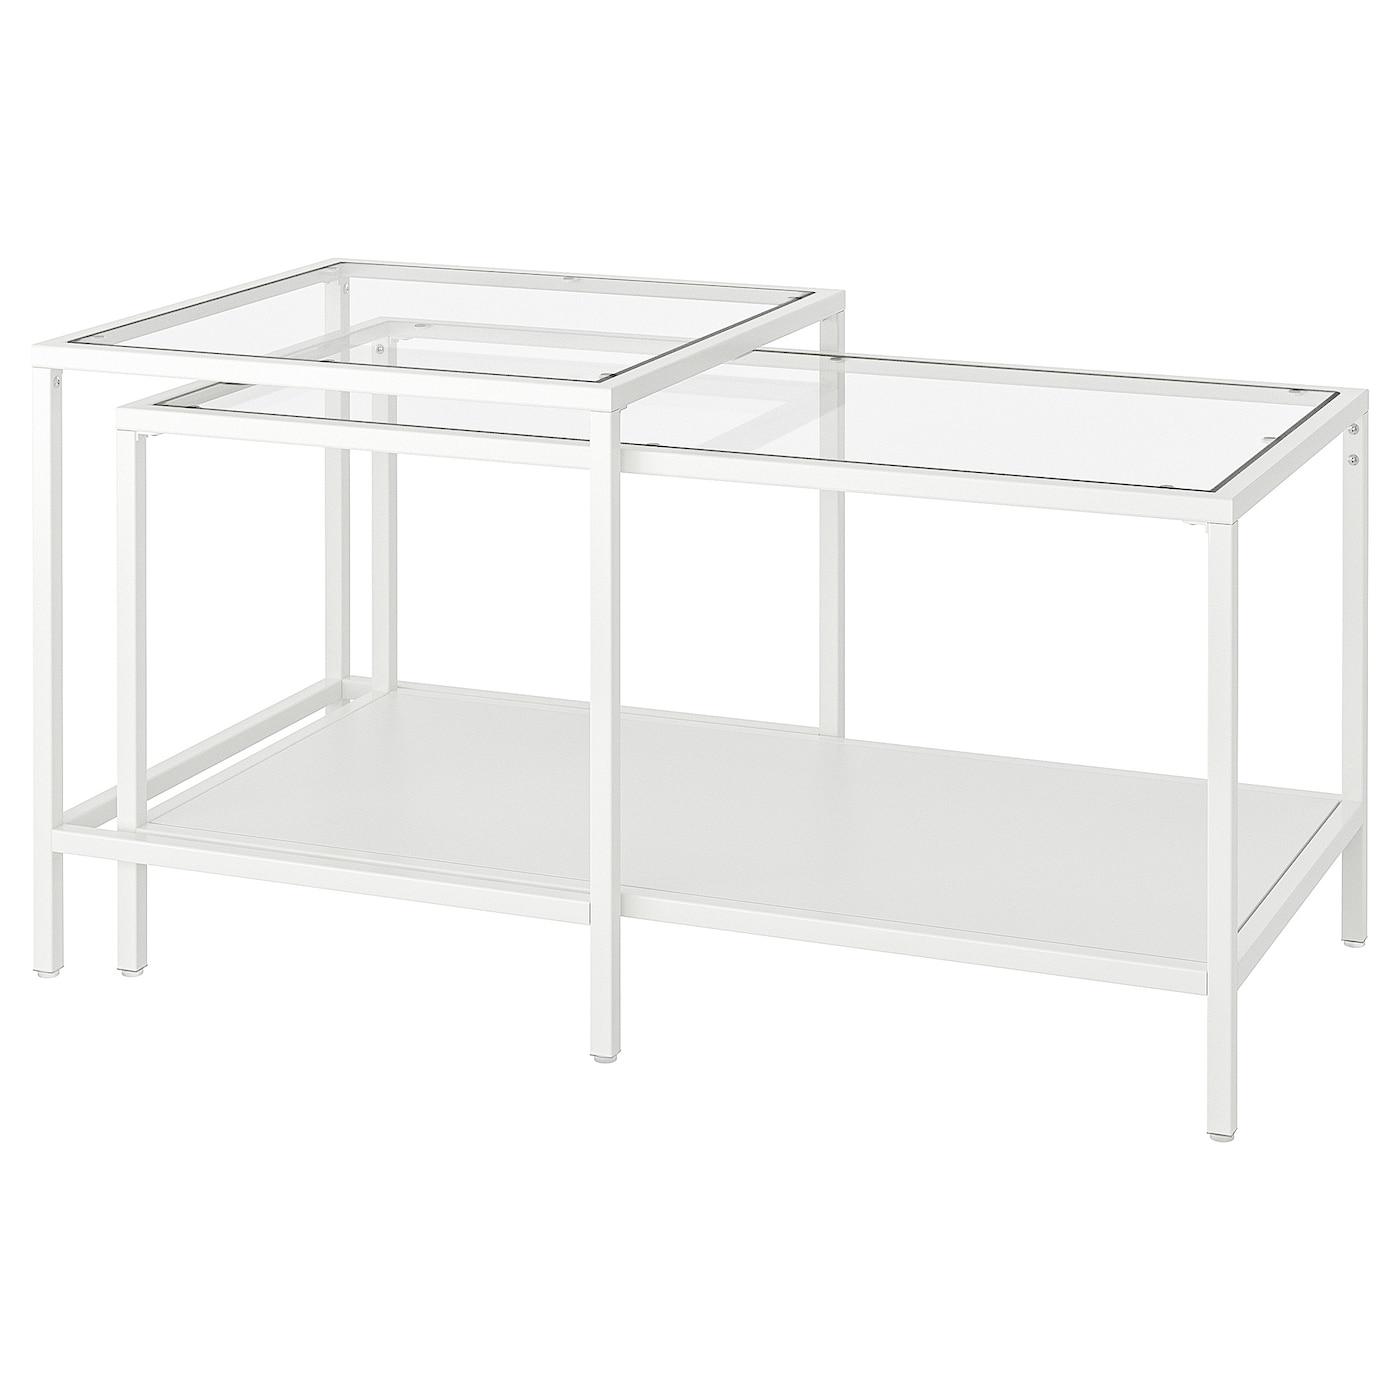 Mesa nido, j2, blanco/vidrio